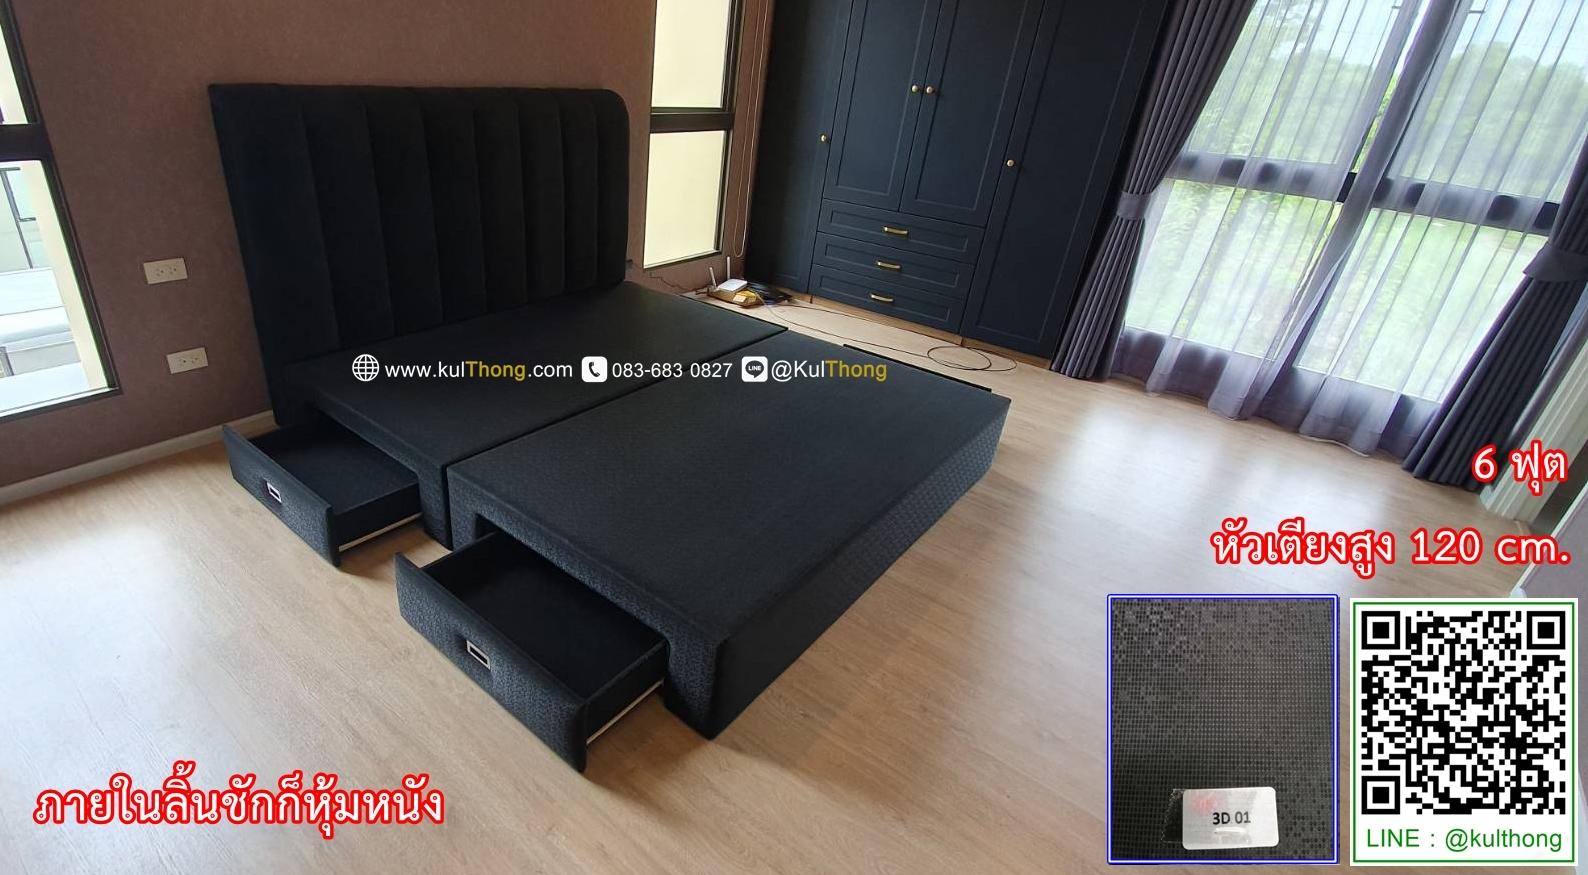 เตียงหุ้มหนังมีลิ้นชัก เตียงเก็บของ ฐานรองที่นอน